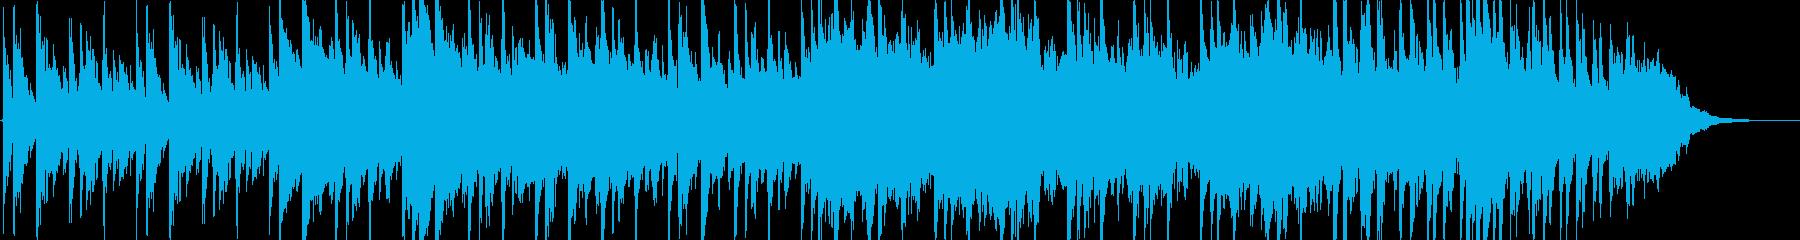 和をテーマにした曲の再生済みの波形